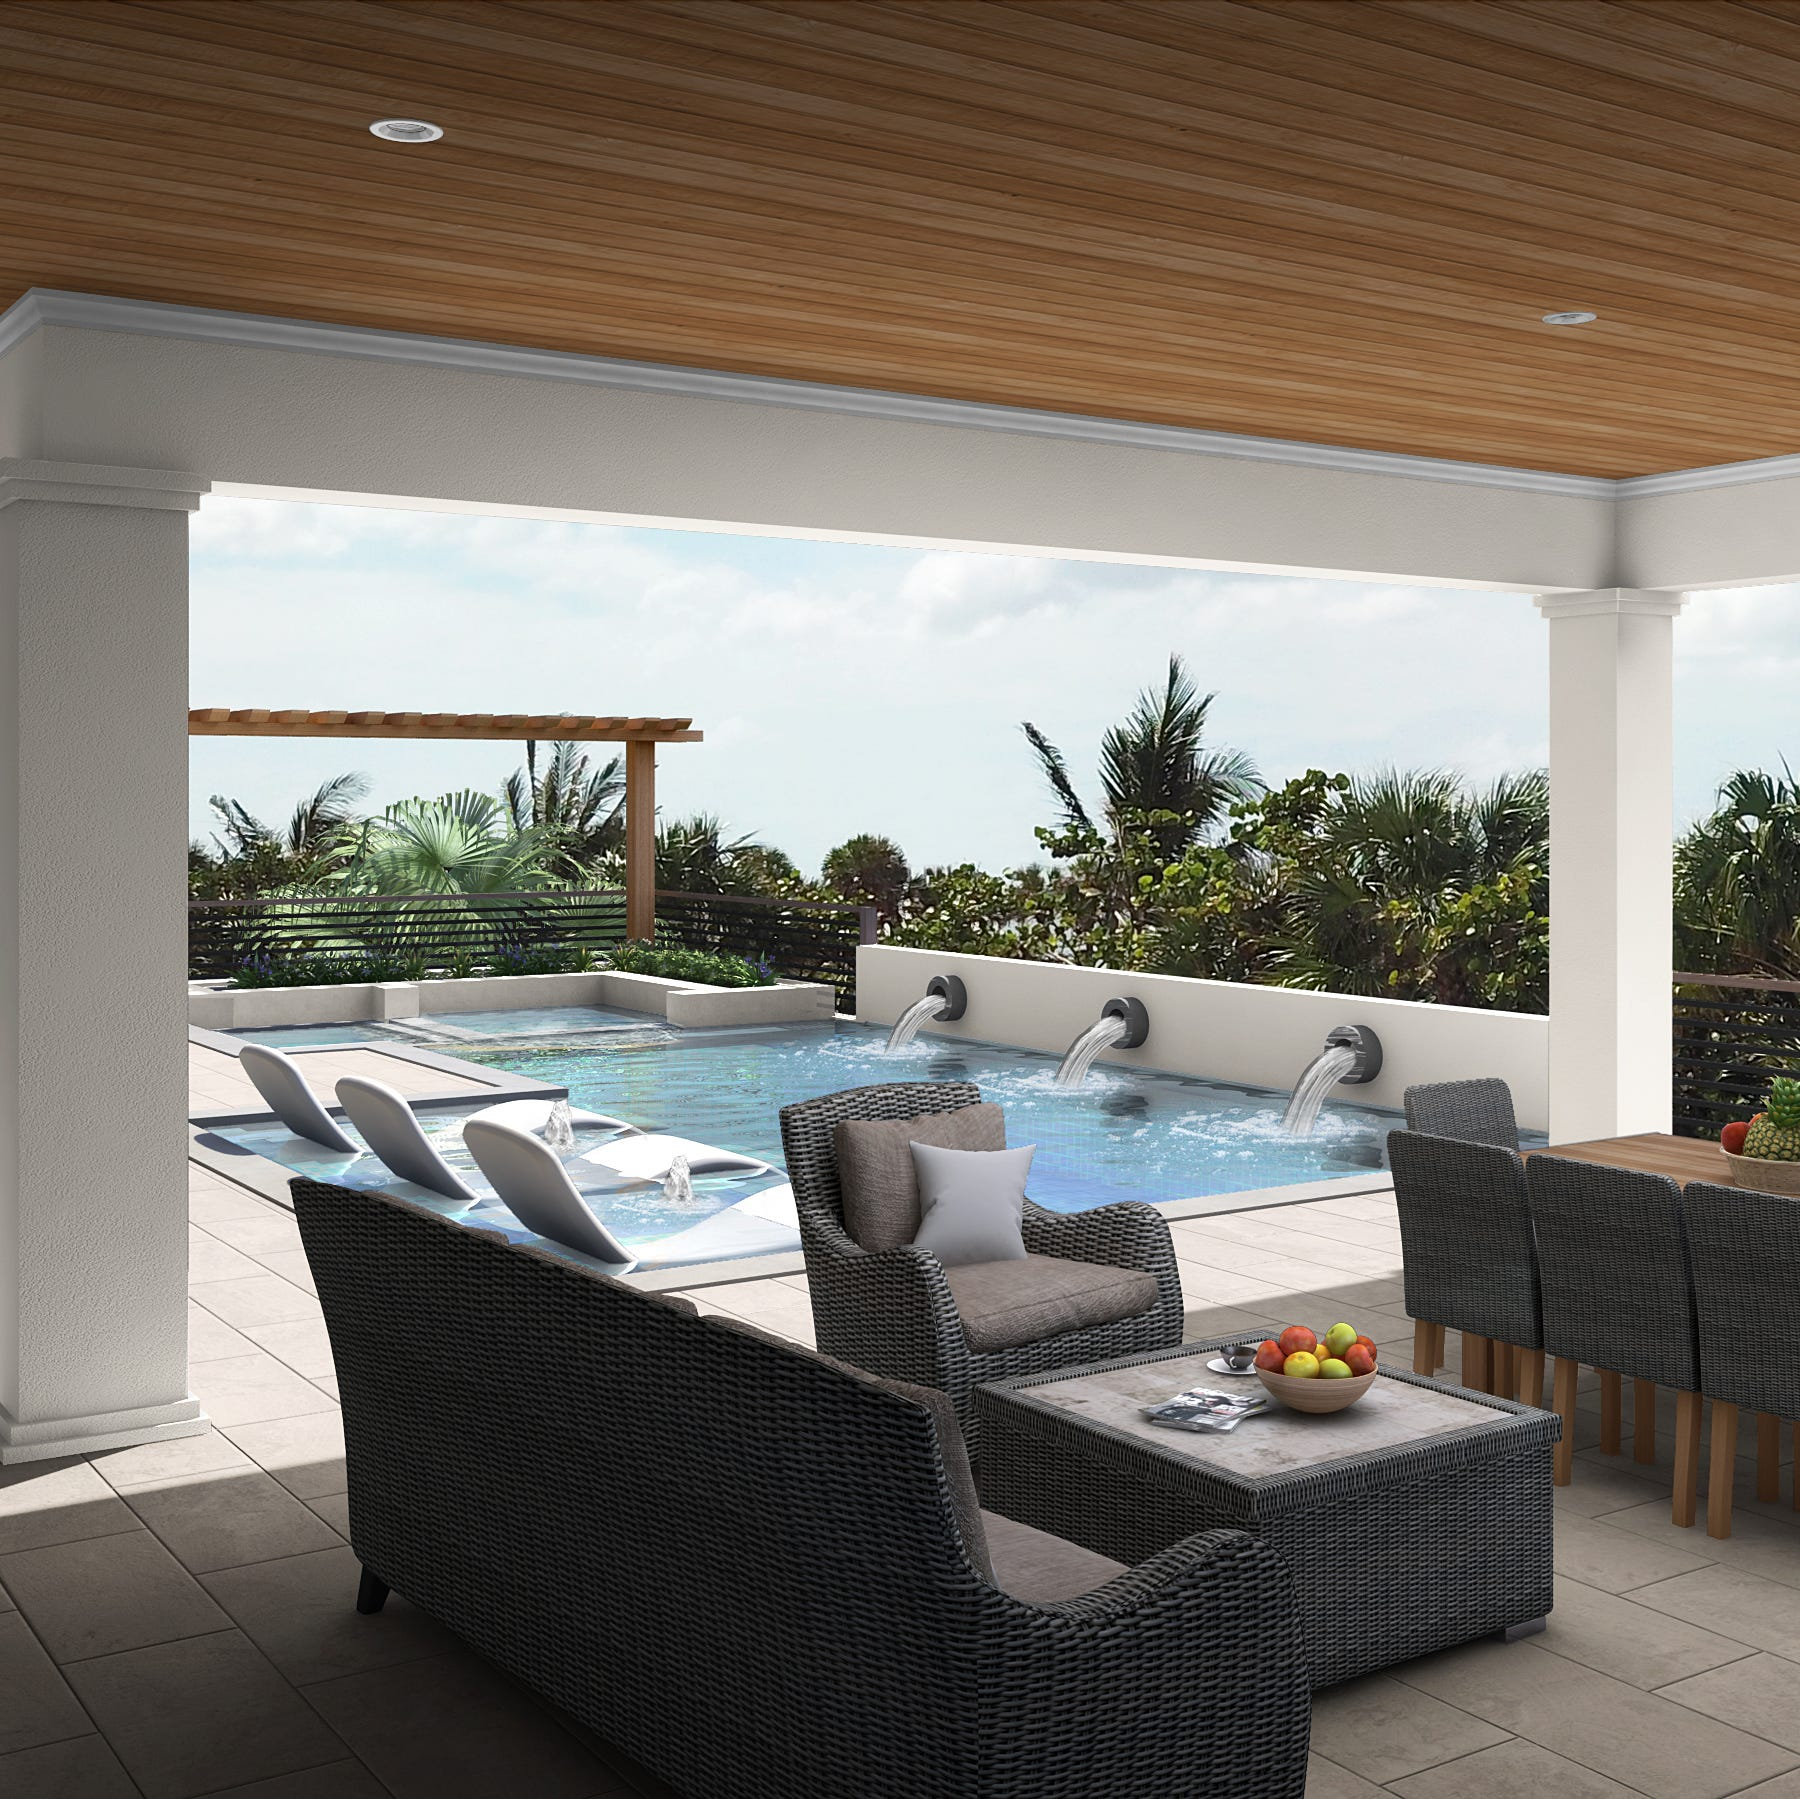 Theory Design announces design for Seagate's Monaco model